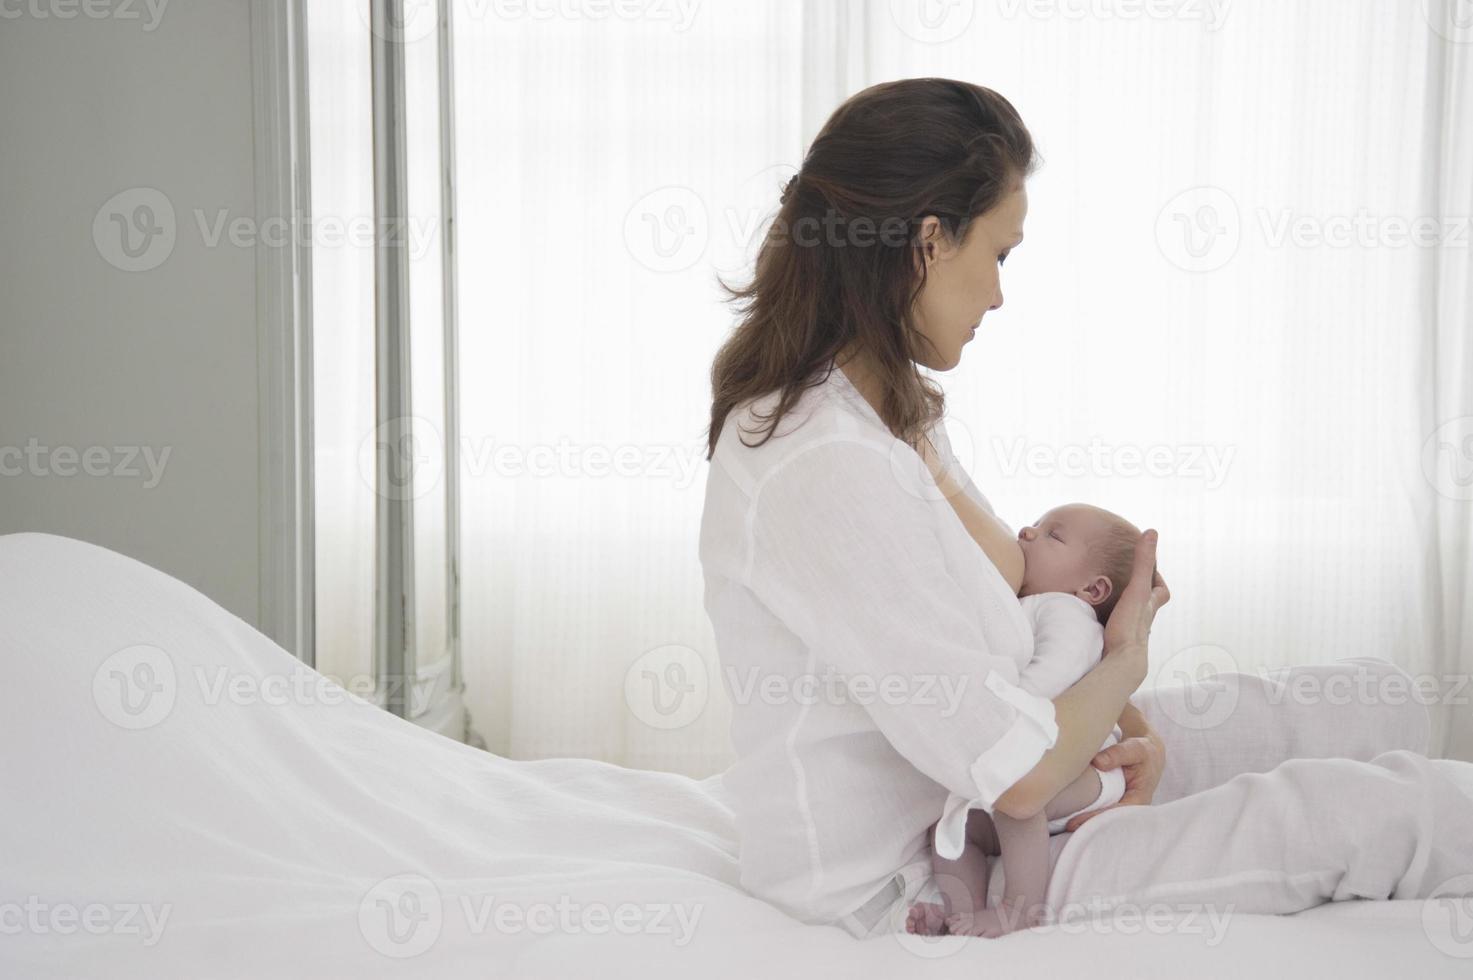 madre amamantando bebe recién nacido foto